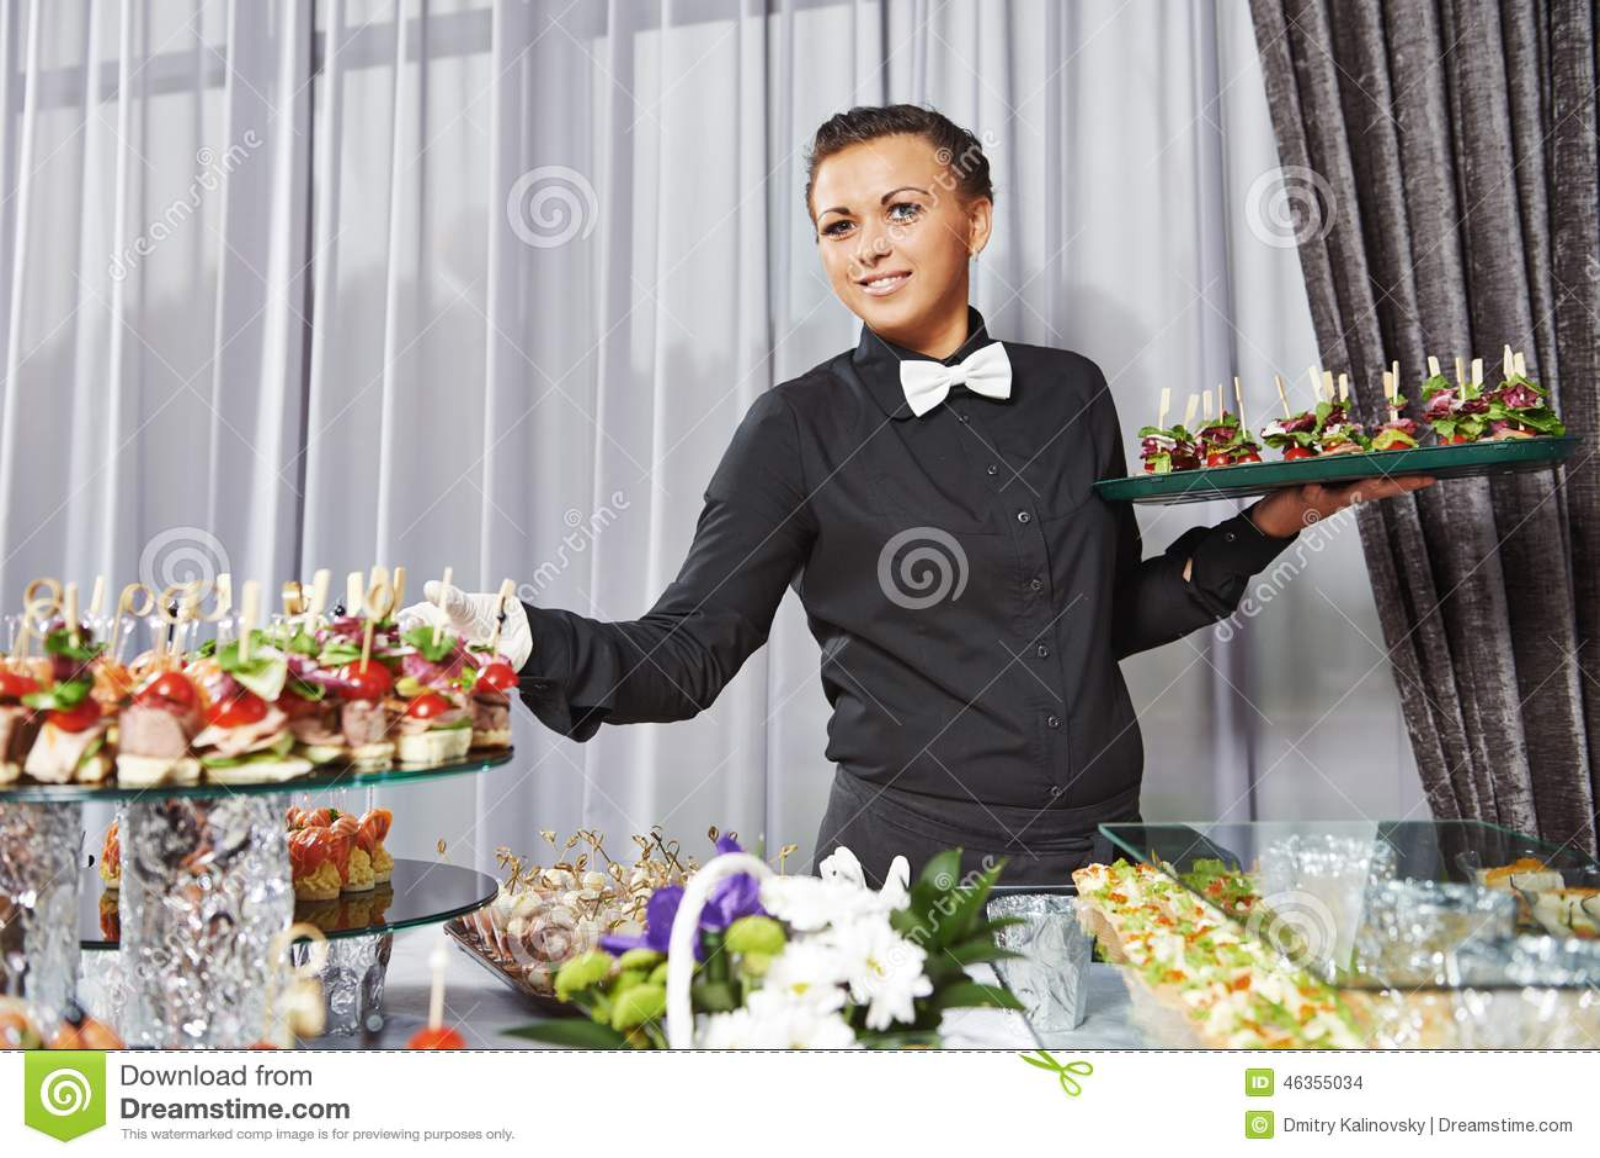 侍者服务承办酒席桌